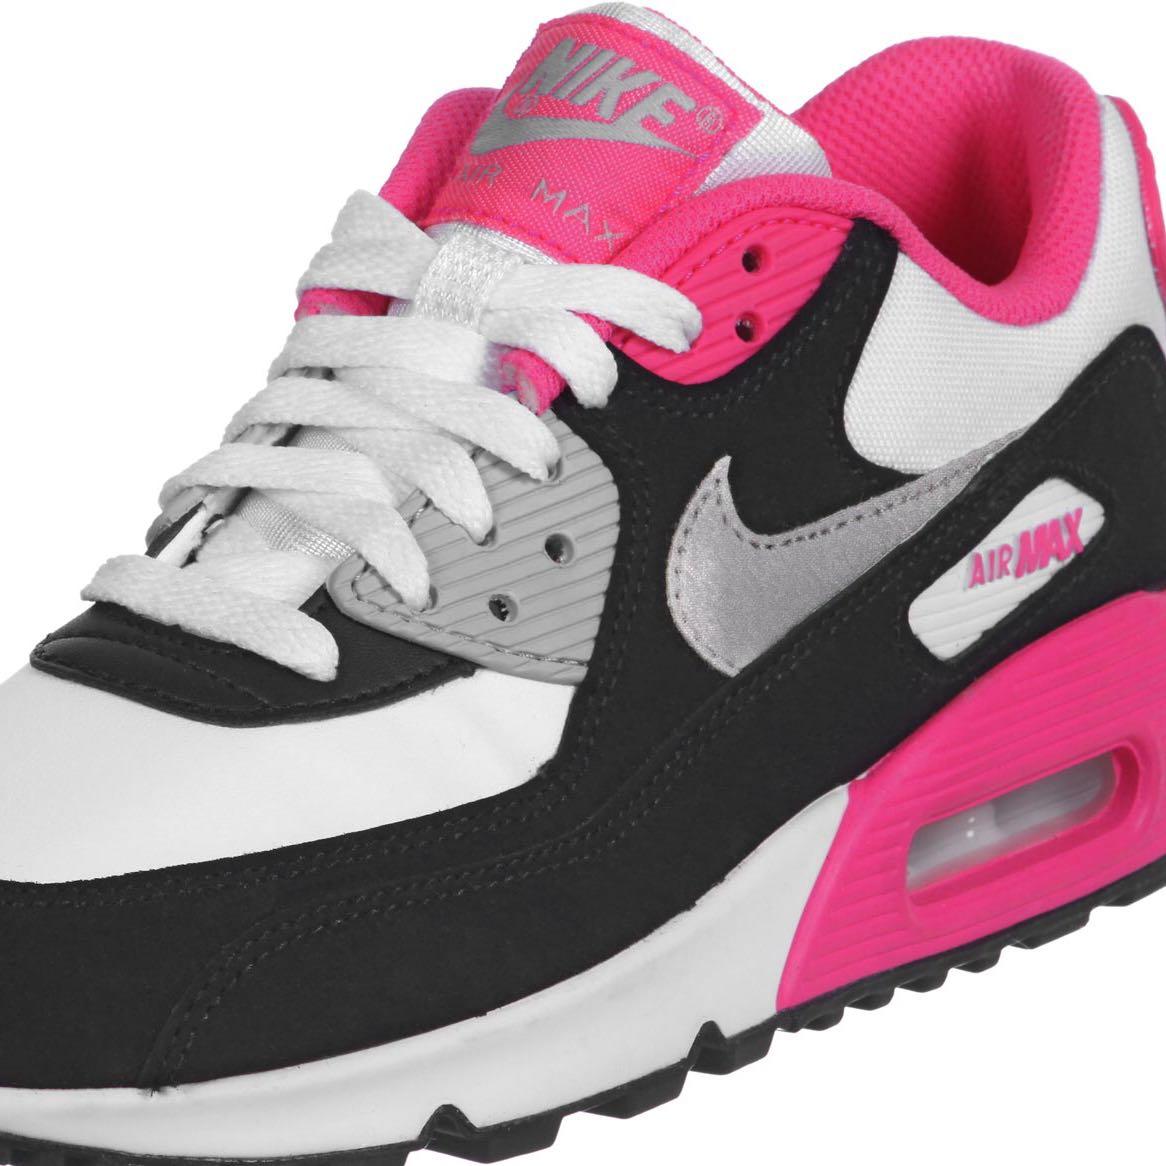 air max roze zwart